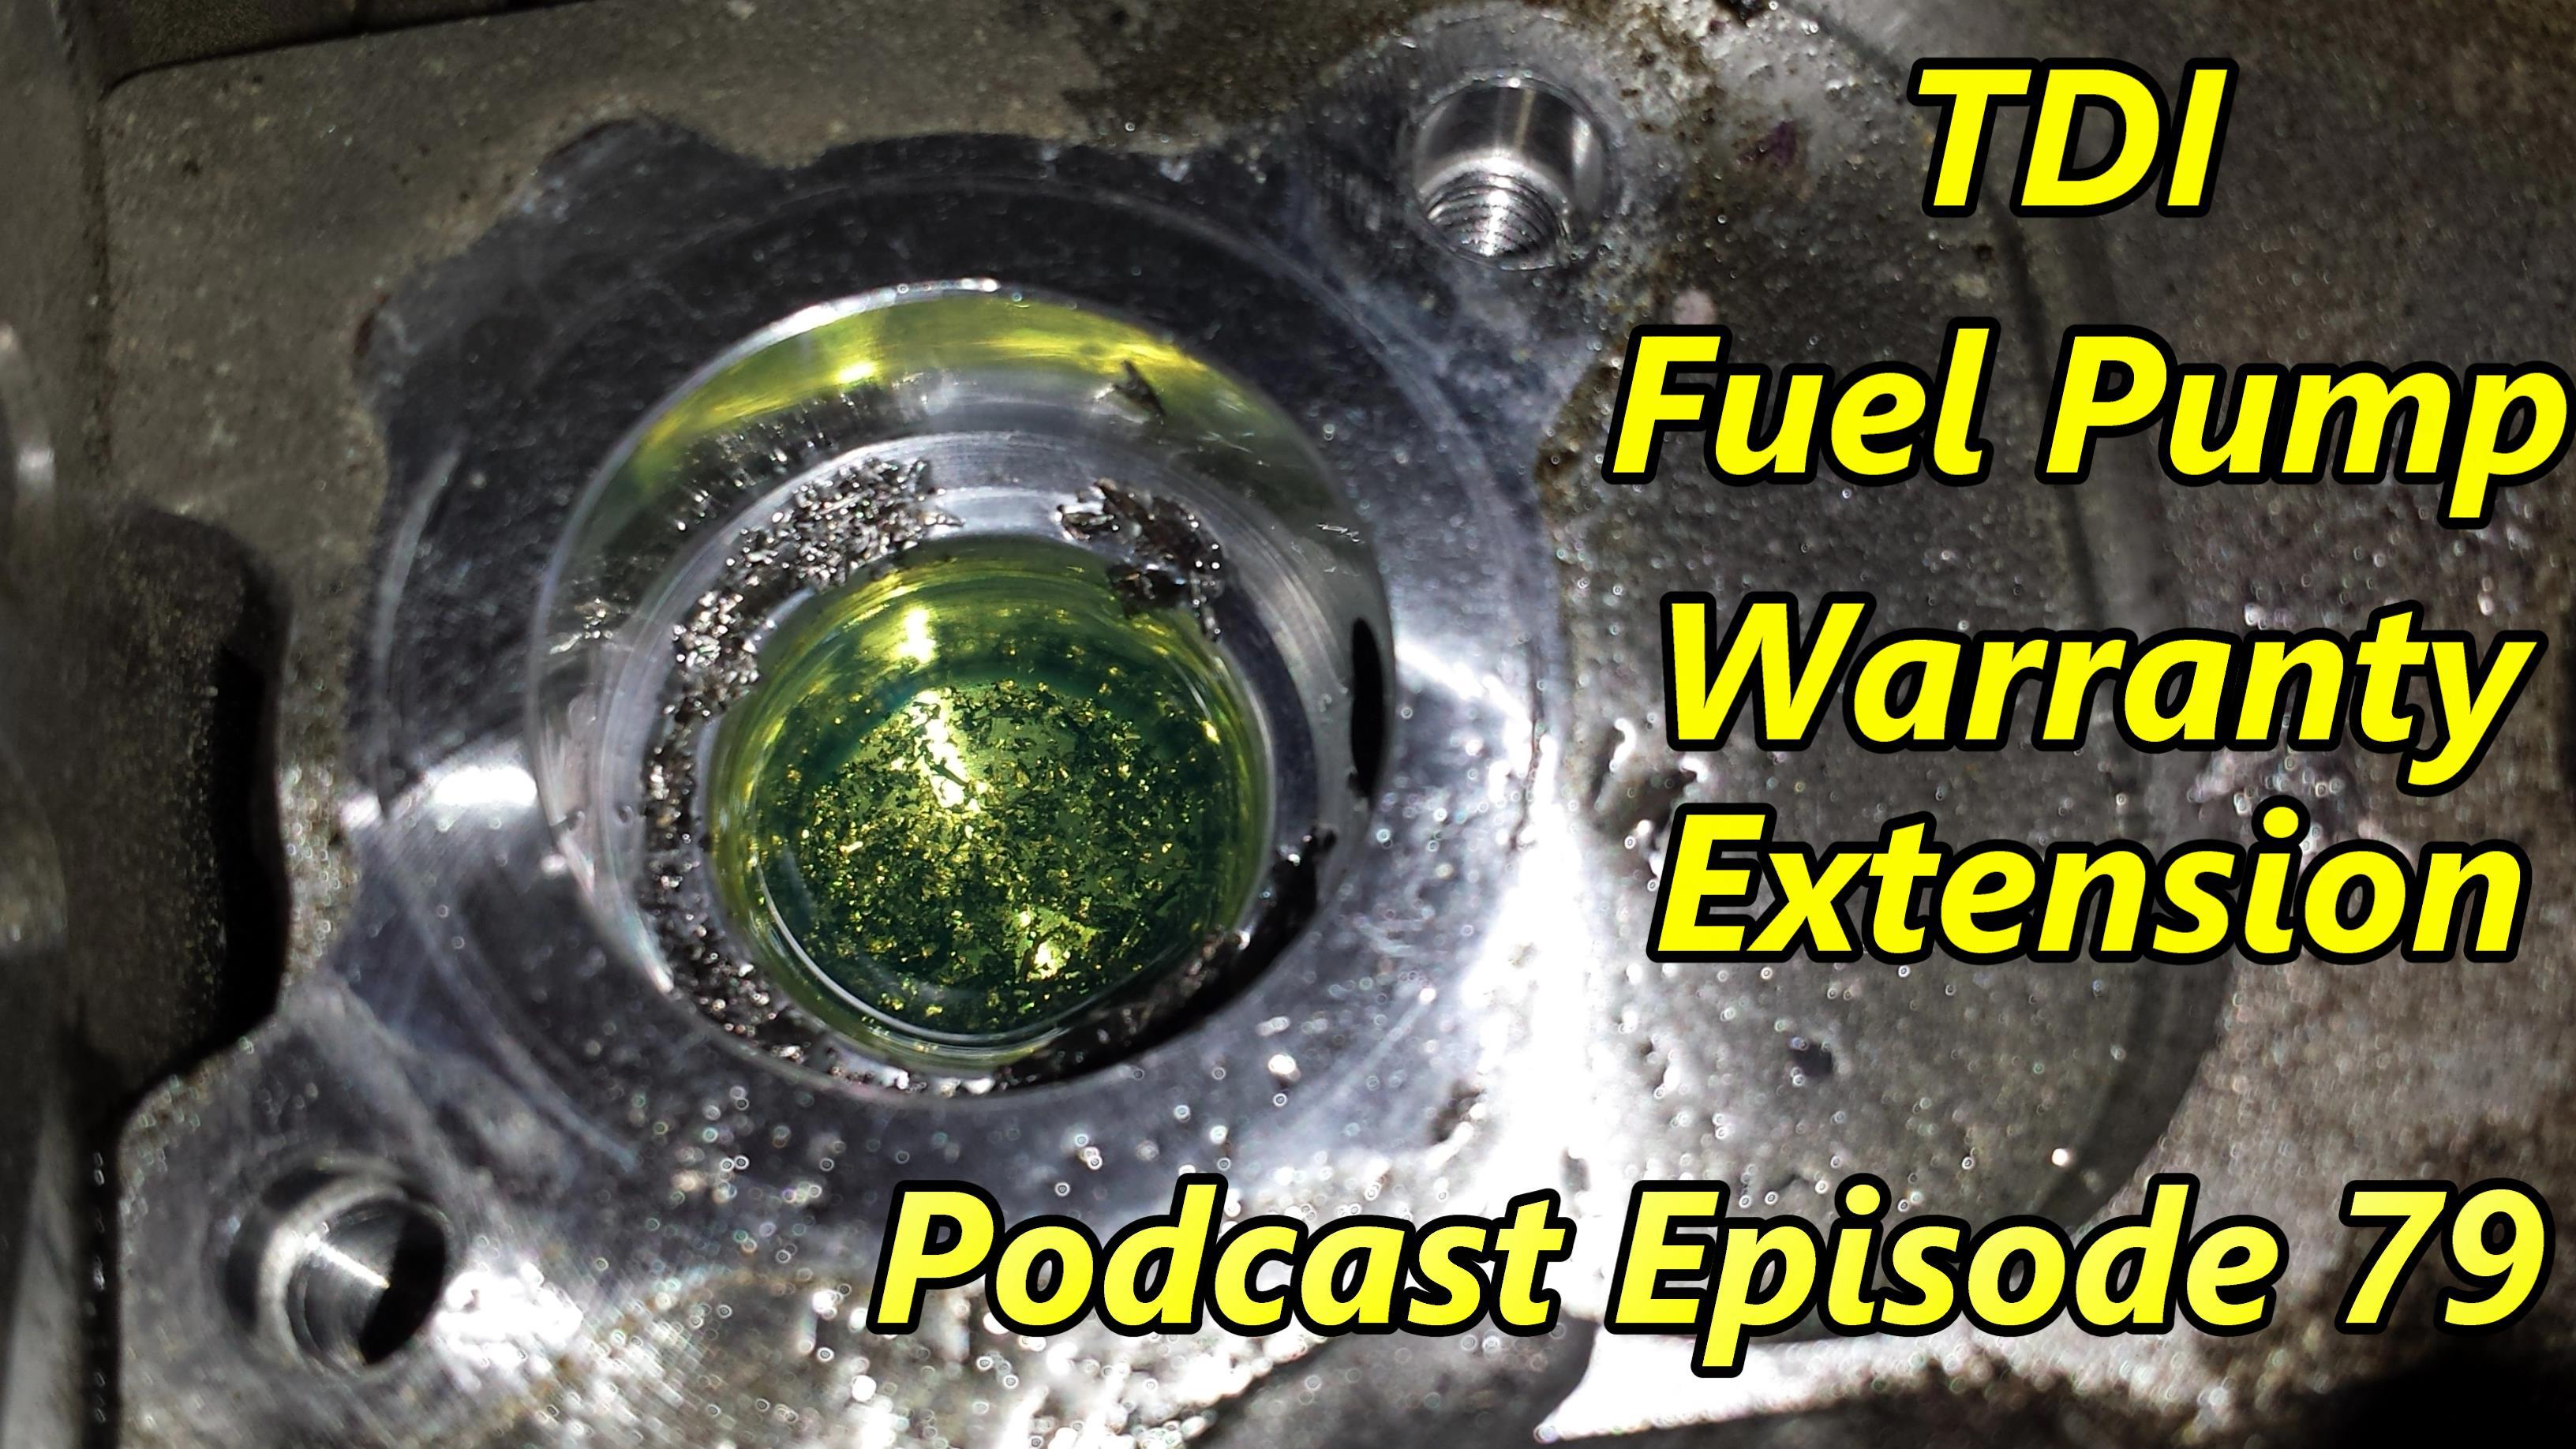 volkswagen tdi fuel pump warranty extension podcast episode  humble mechanic